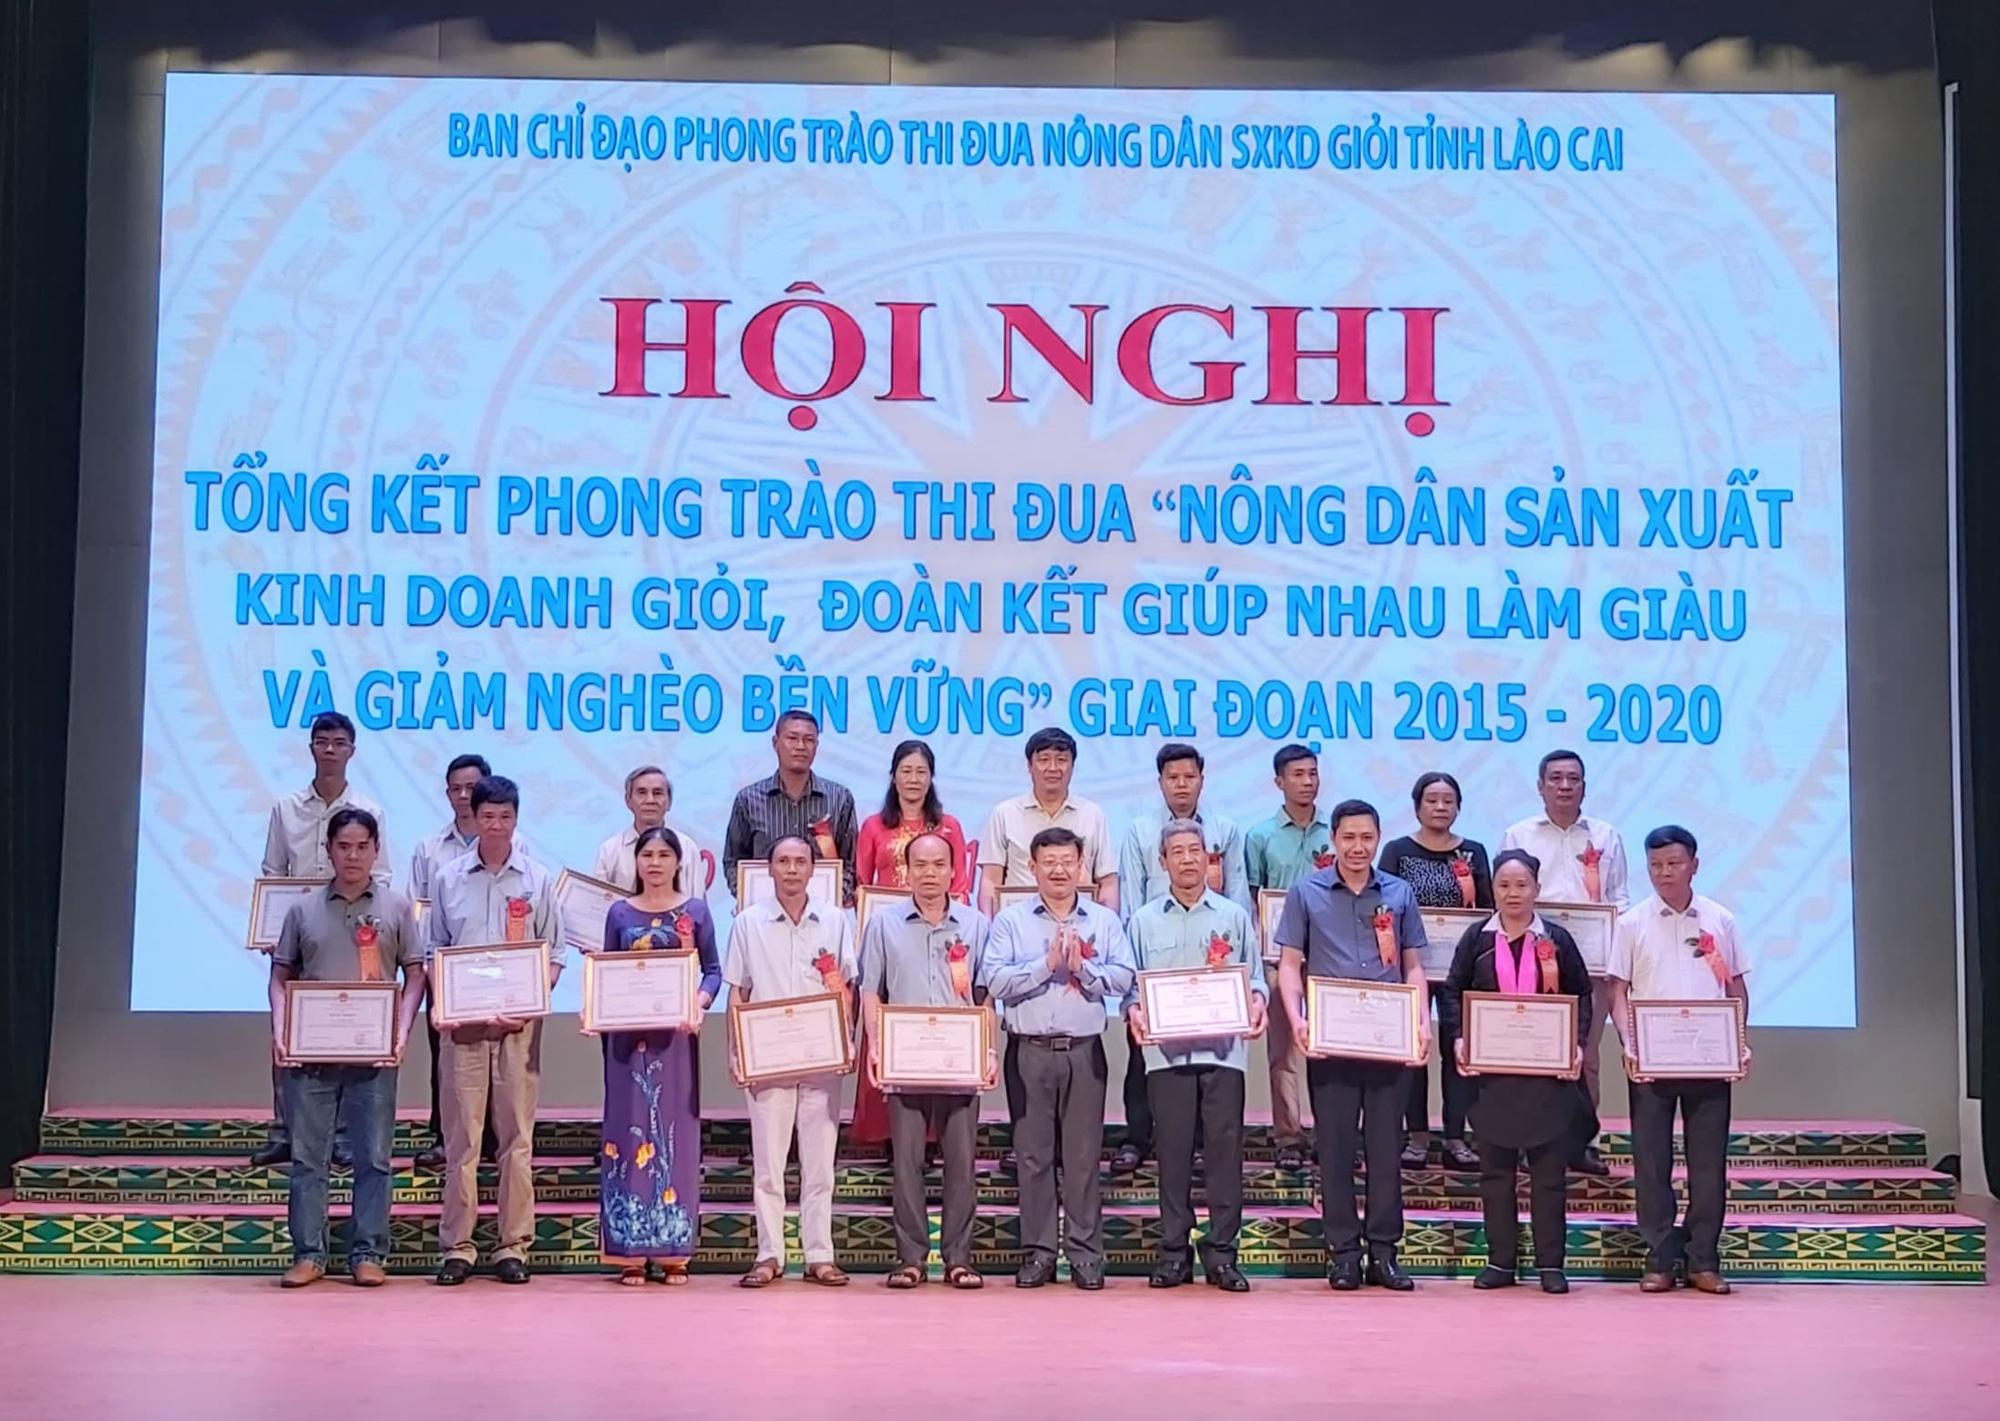 Phó Chủ tịch T.Ư Hội NDVN Nguyễn Xuân Định: Nông dân KDSX giỏi góp phần xây dựng tam nông thịnh vượng, giàu có, văn minh - Ảnh 2.